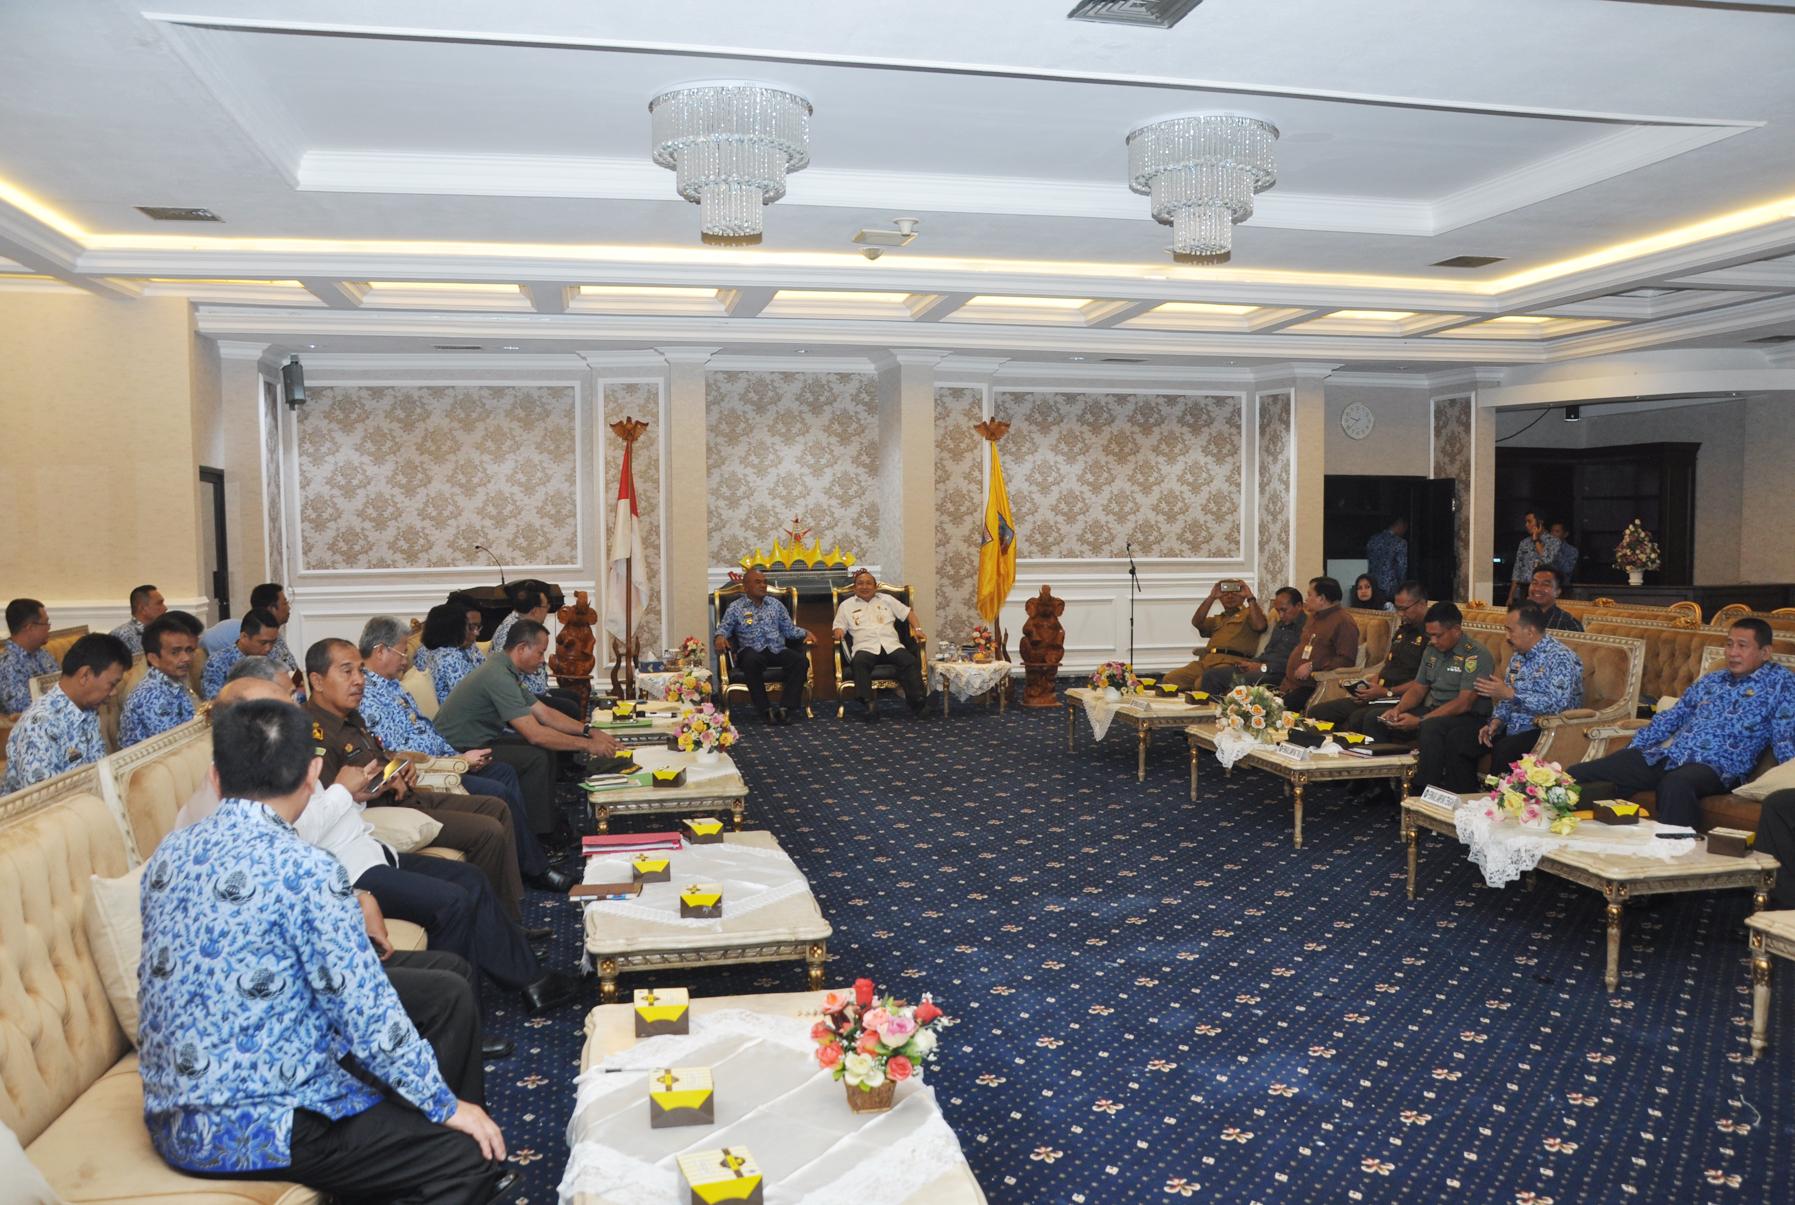 Rapat koordinasi penyelesaian konflik sosial di ruang rapat utama Kantor Gubernur Lampung, Selasa 17 Oktober 2017.